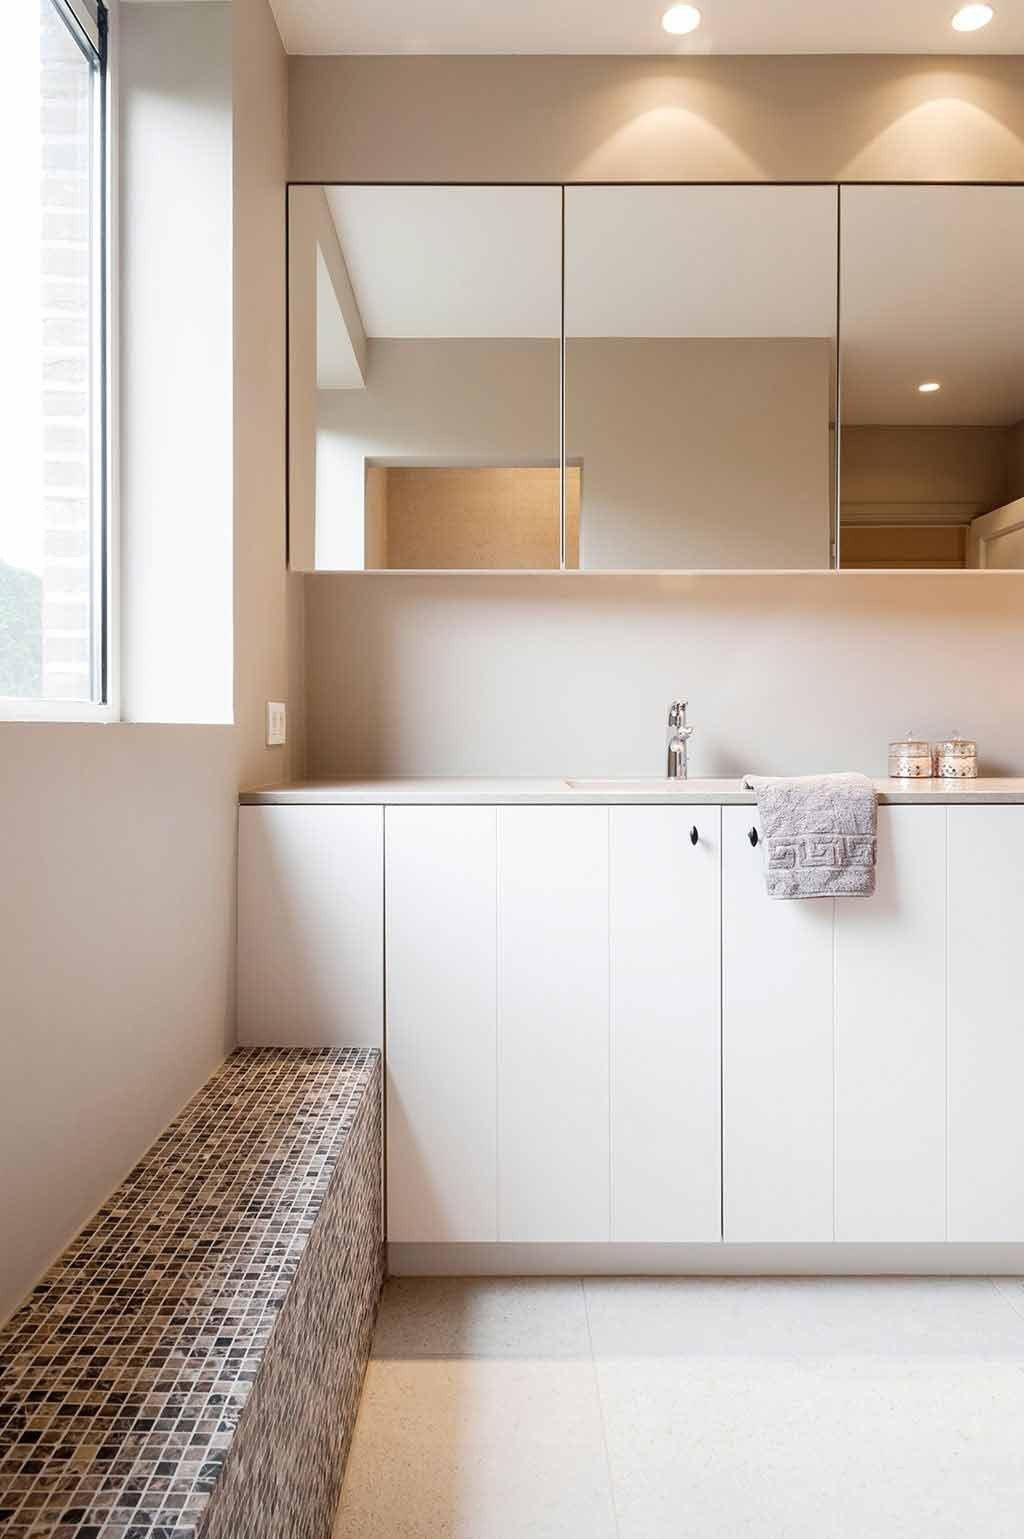 Totaalinrichting-badkamer-landelijk-Boezinge-3.jpg